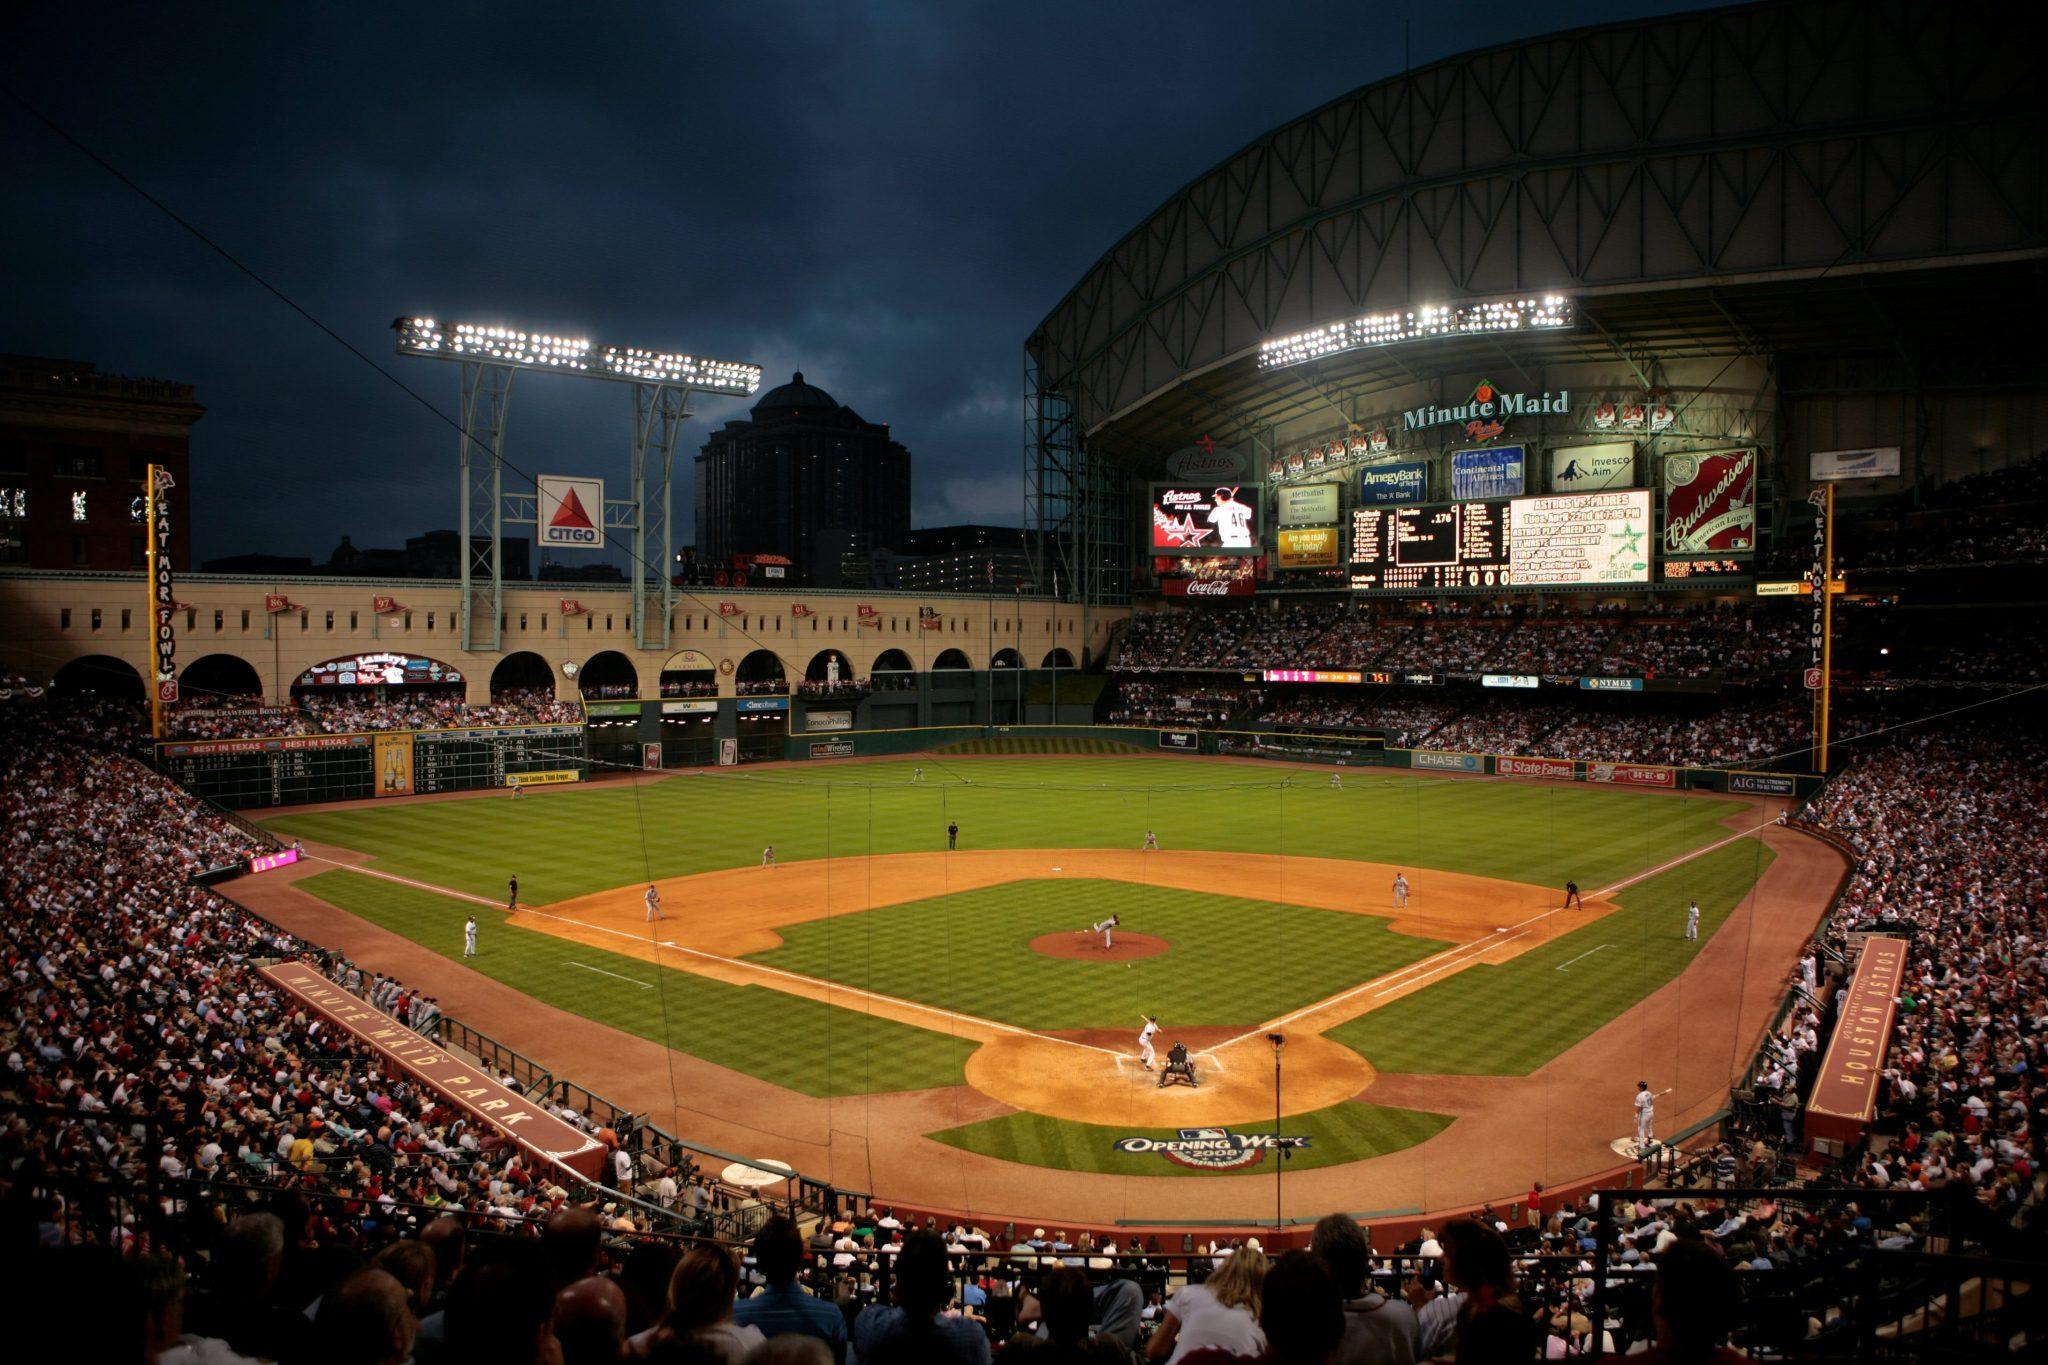 Minute Maid Park best MLB stadiums